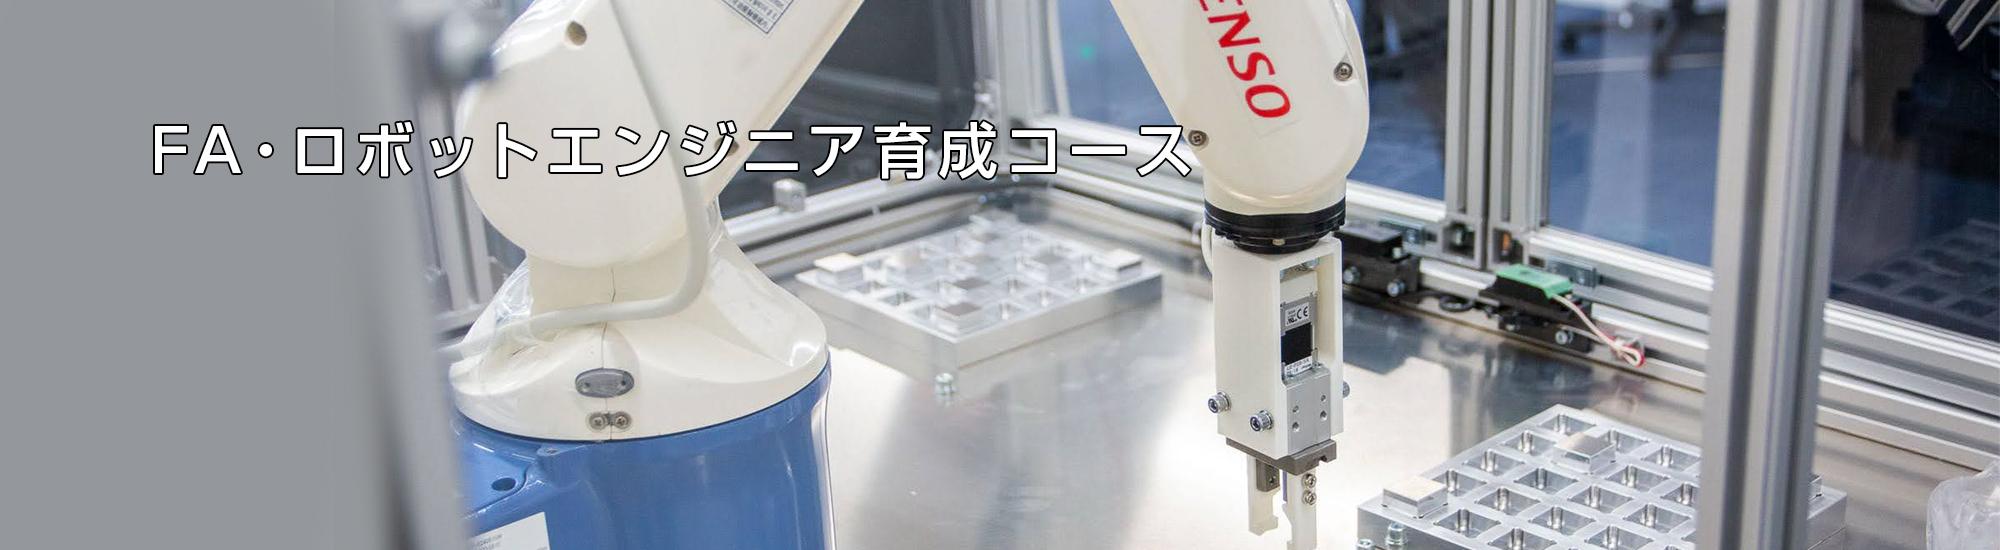 FA・ロボットエンジニア育成コース